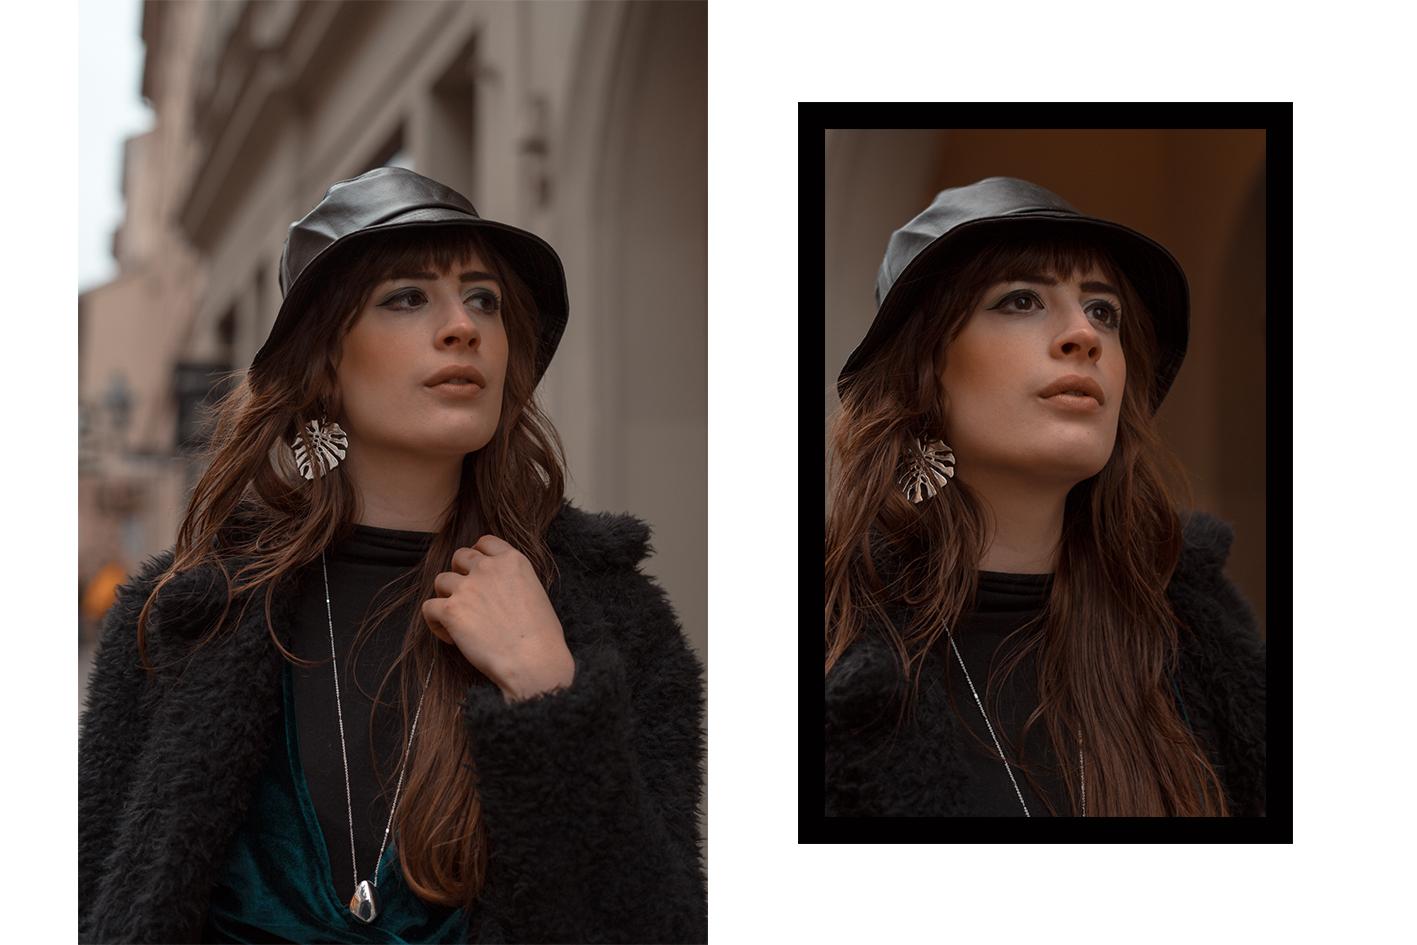 Leder Fischerhut mit Samtkleid-Pinafore Samt Kleid-Winteroutfit 2019-Modeblog Berlin-andysparkles